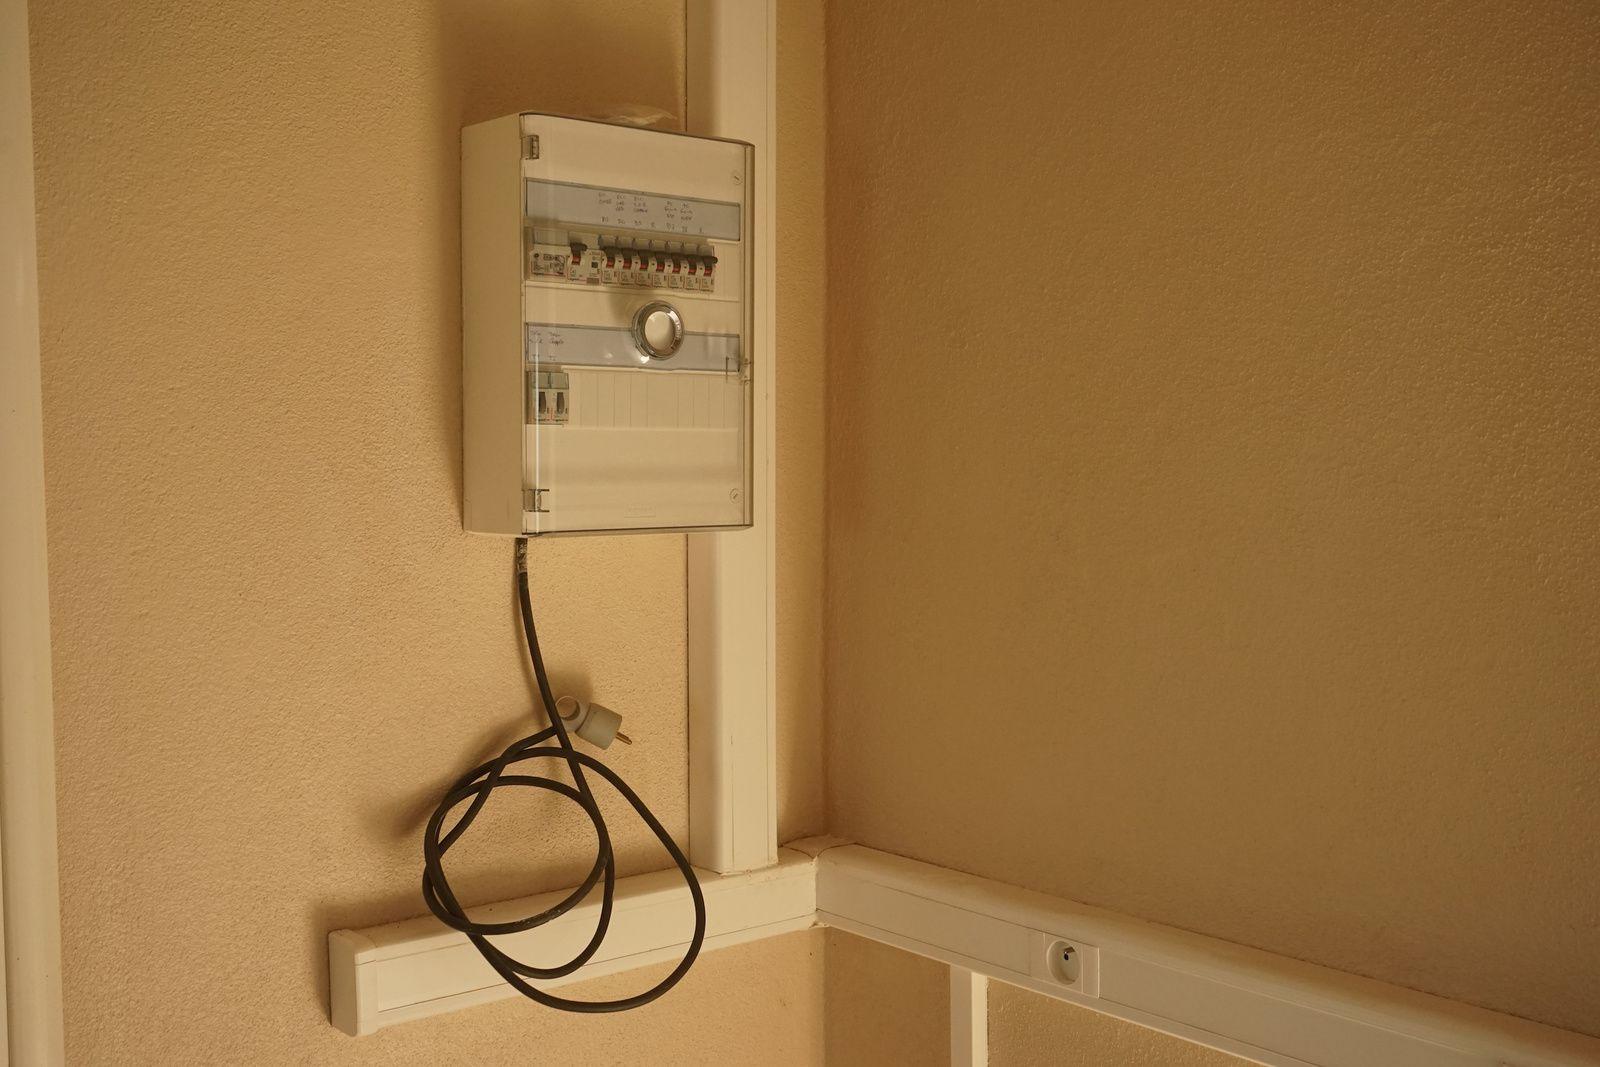 Le réseau électrique est opérationnel.